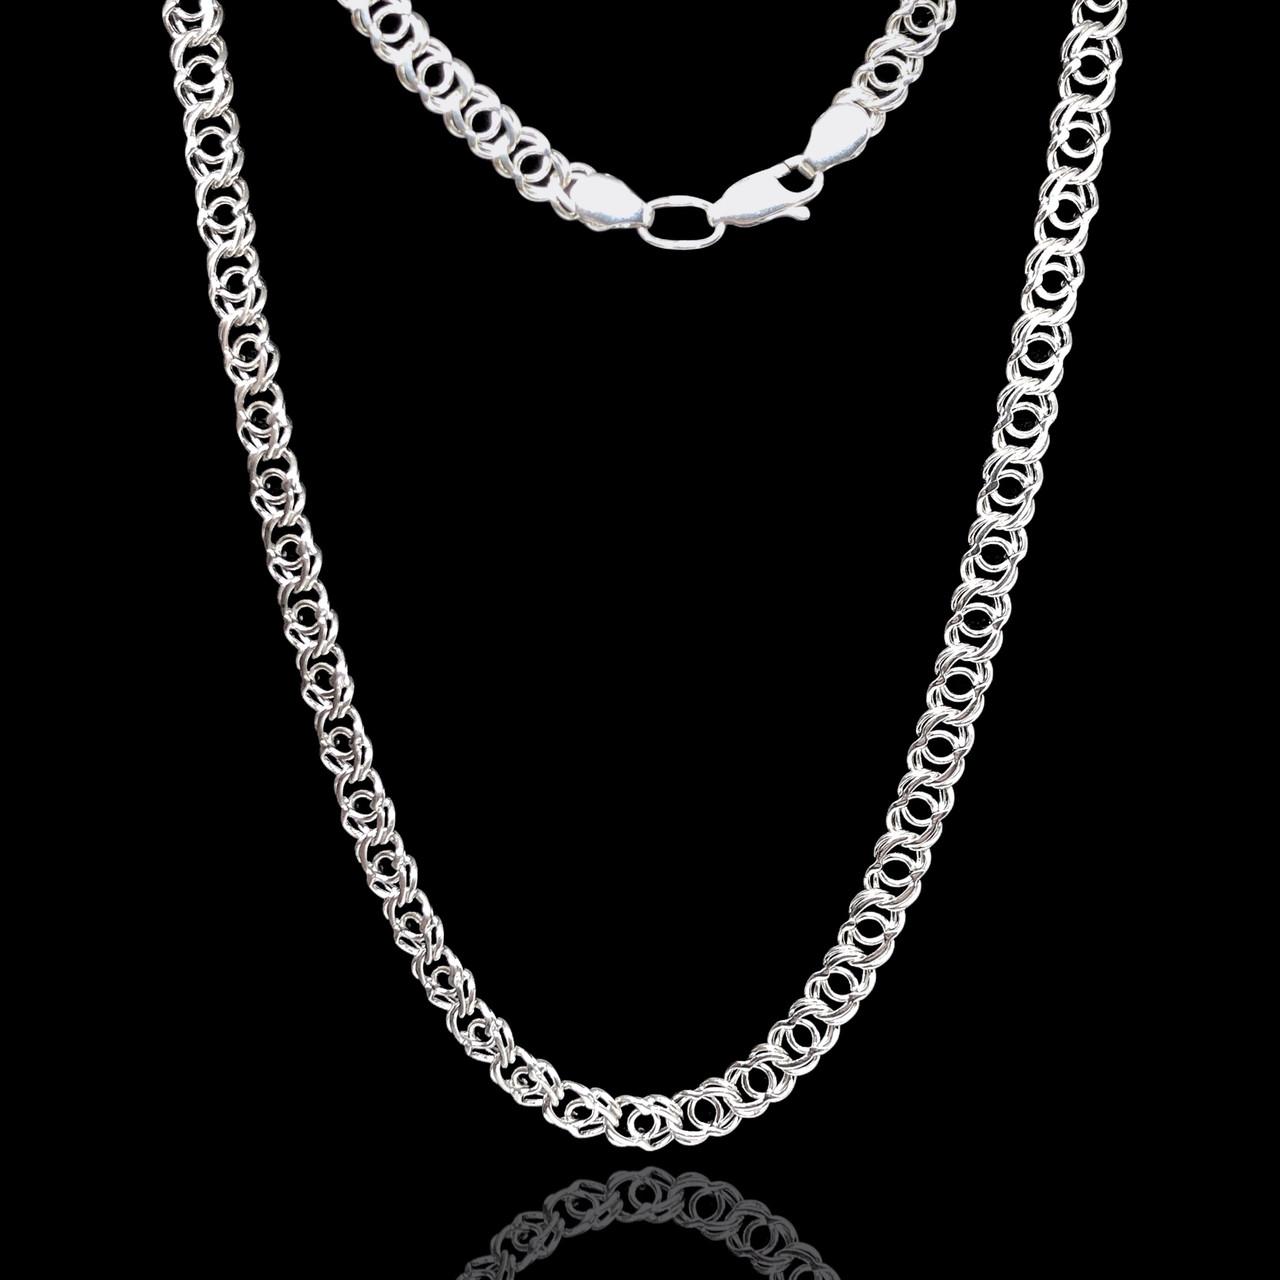 Срібний ланцюжок, 550мм, Арабська бісмарк, 27 грамів, світле срібло